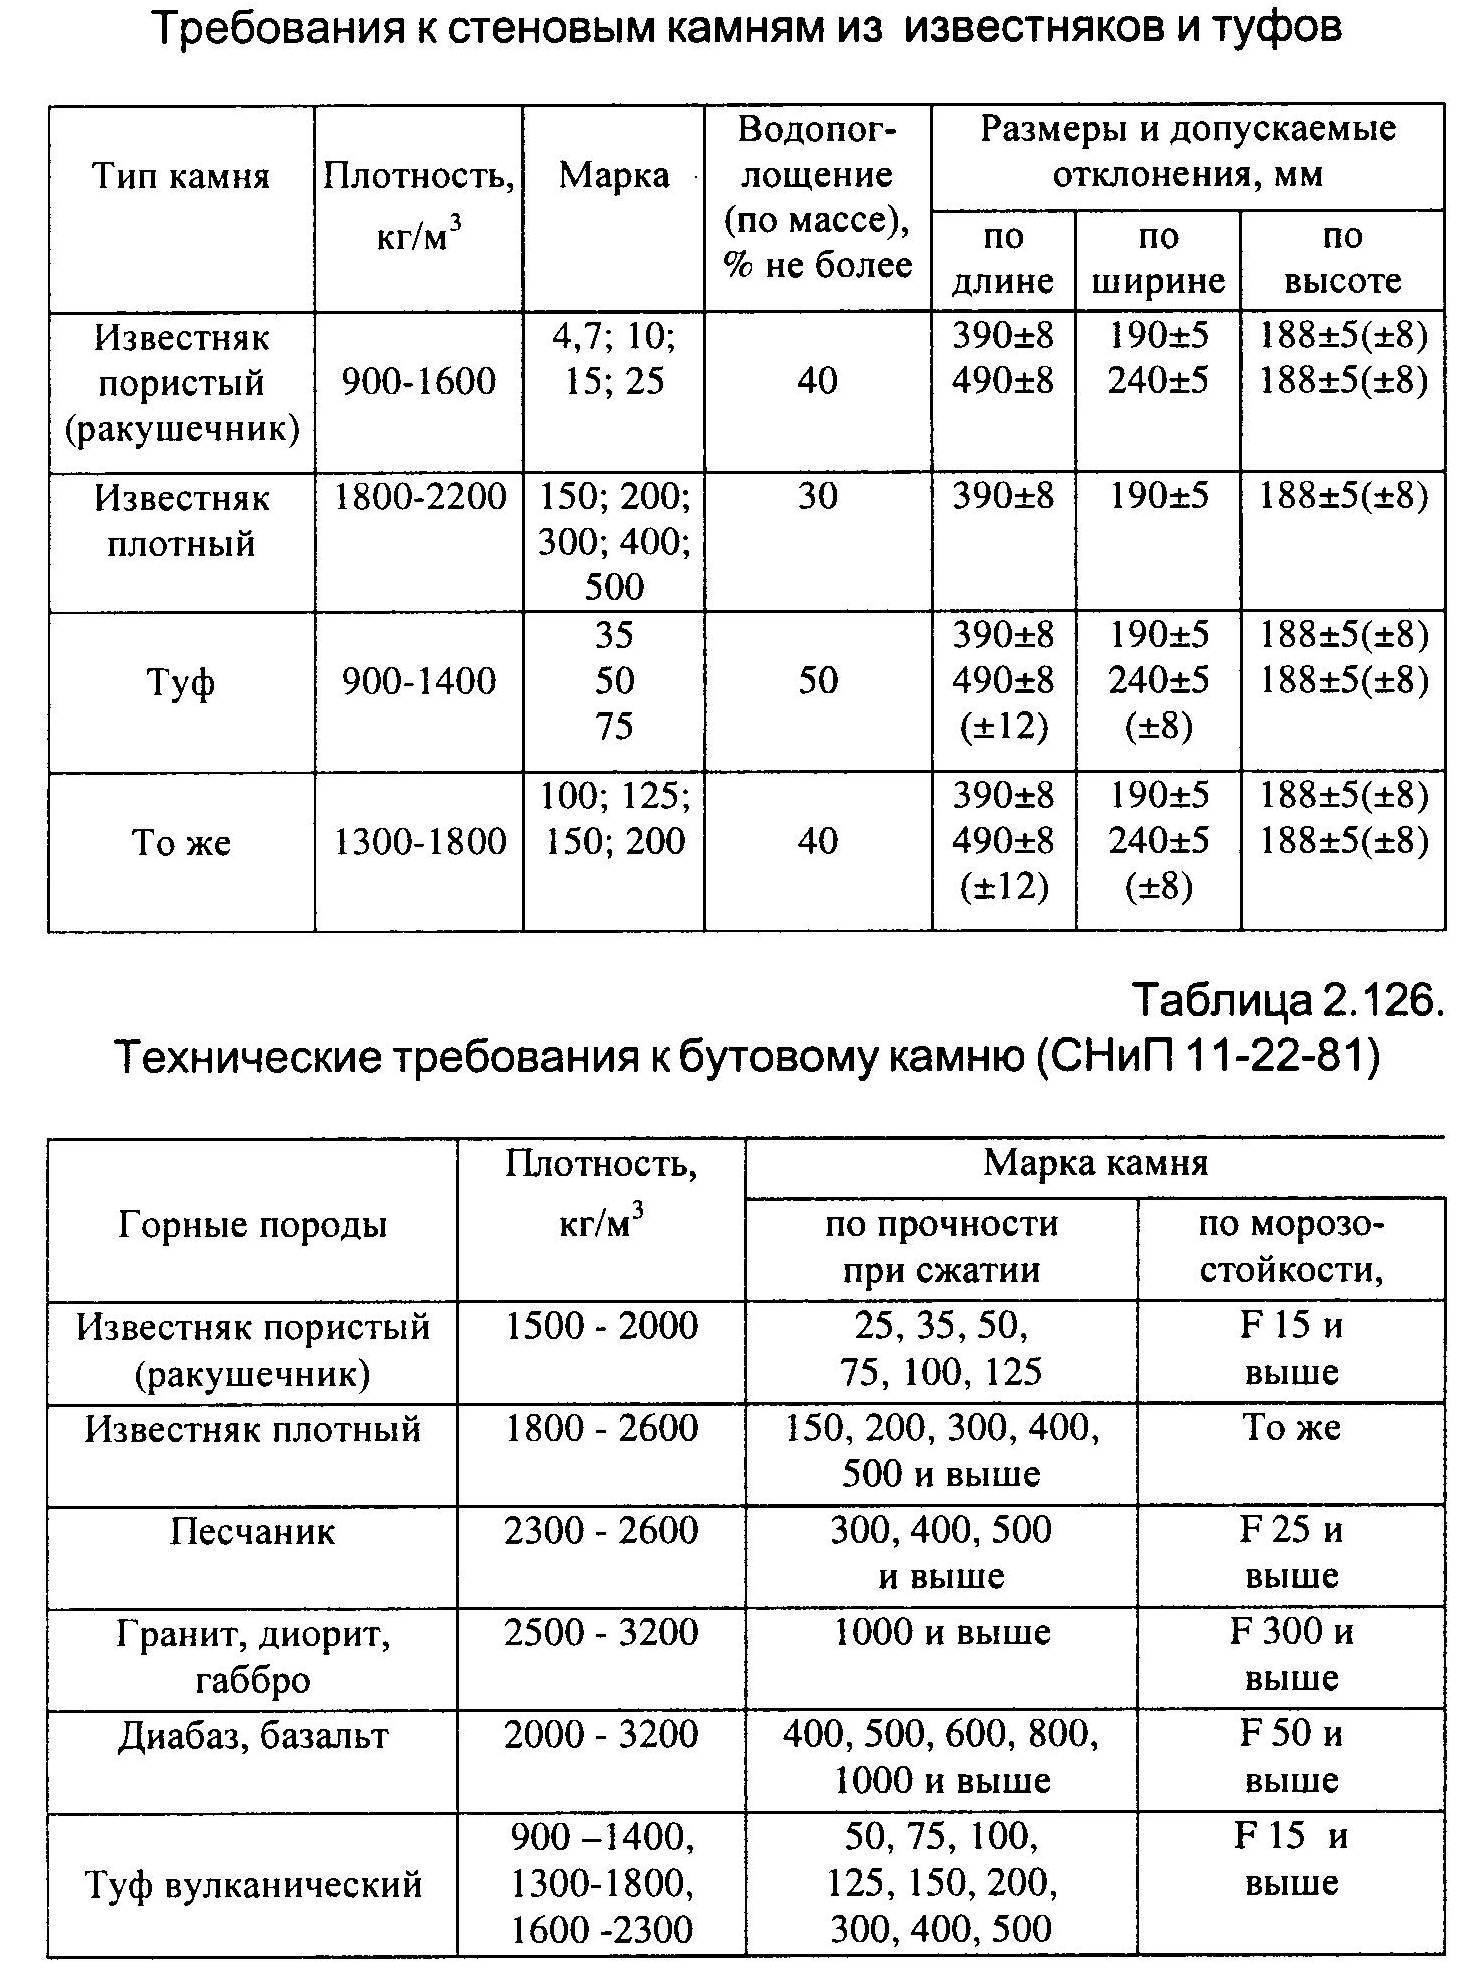 Материалы для каменной кладки реферат 7790